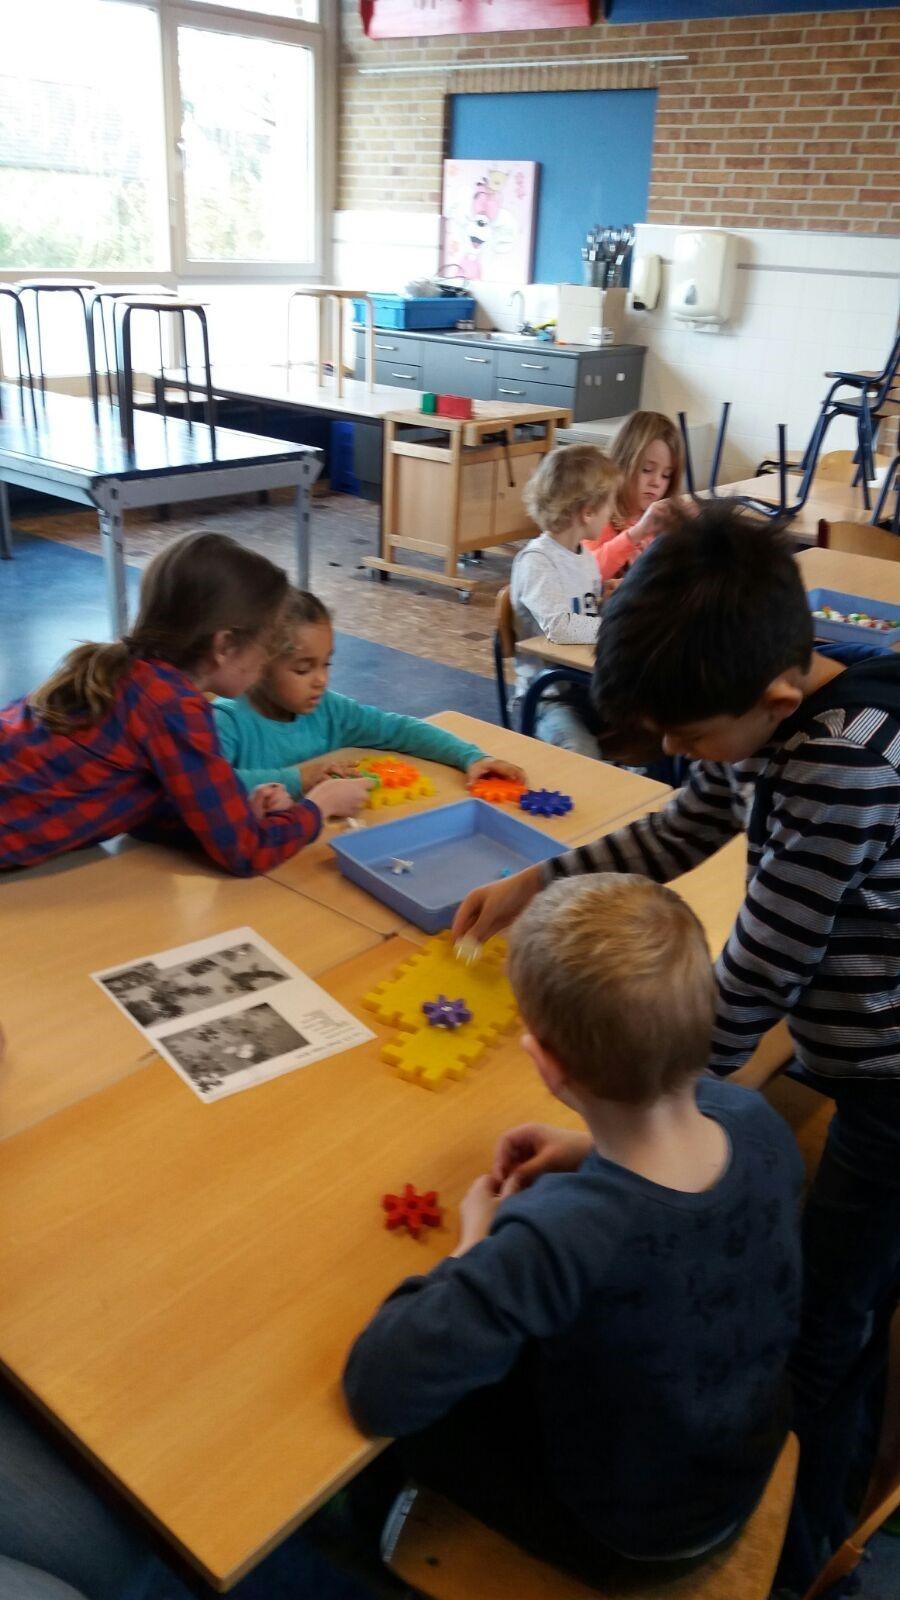 """Hier nog wat foto's van groep 5 met onze maatjesklas. Juf Carla en juf Marja helpen ons elke woensdag met een circuit (spelletjes, bouwen, techniek etc.). Op foto 1 zie je Marlow hij helpt zijn maatje: """"Ik ben bezig met tandwielen want als je aan 1 ding gaat draaien, gaat alles draaien"""". Op foto 2 is Femke aan het helpen:""""We zijn met tandwielen bezig, we klikken ze aan elkaar en dan gaat alles rond."""" Op foto 3 zie je Rive: """" We proberen de tandwielen in elkaar te zetten en dan gaan ze bewegen, soms lukt het niet, dan halen we ze eruit en proberen we op een andere plek te zetten zodat het wel gaat bewegen"""". Op foto 5 is Faith aan het helpen: """" Als je tandwielen niet zo dicht op elkaar zet, kunnen ze beter draaien. En als je ze dichter op elkaar zet dan draaien ze niet""""."""